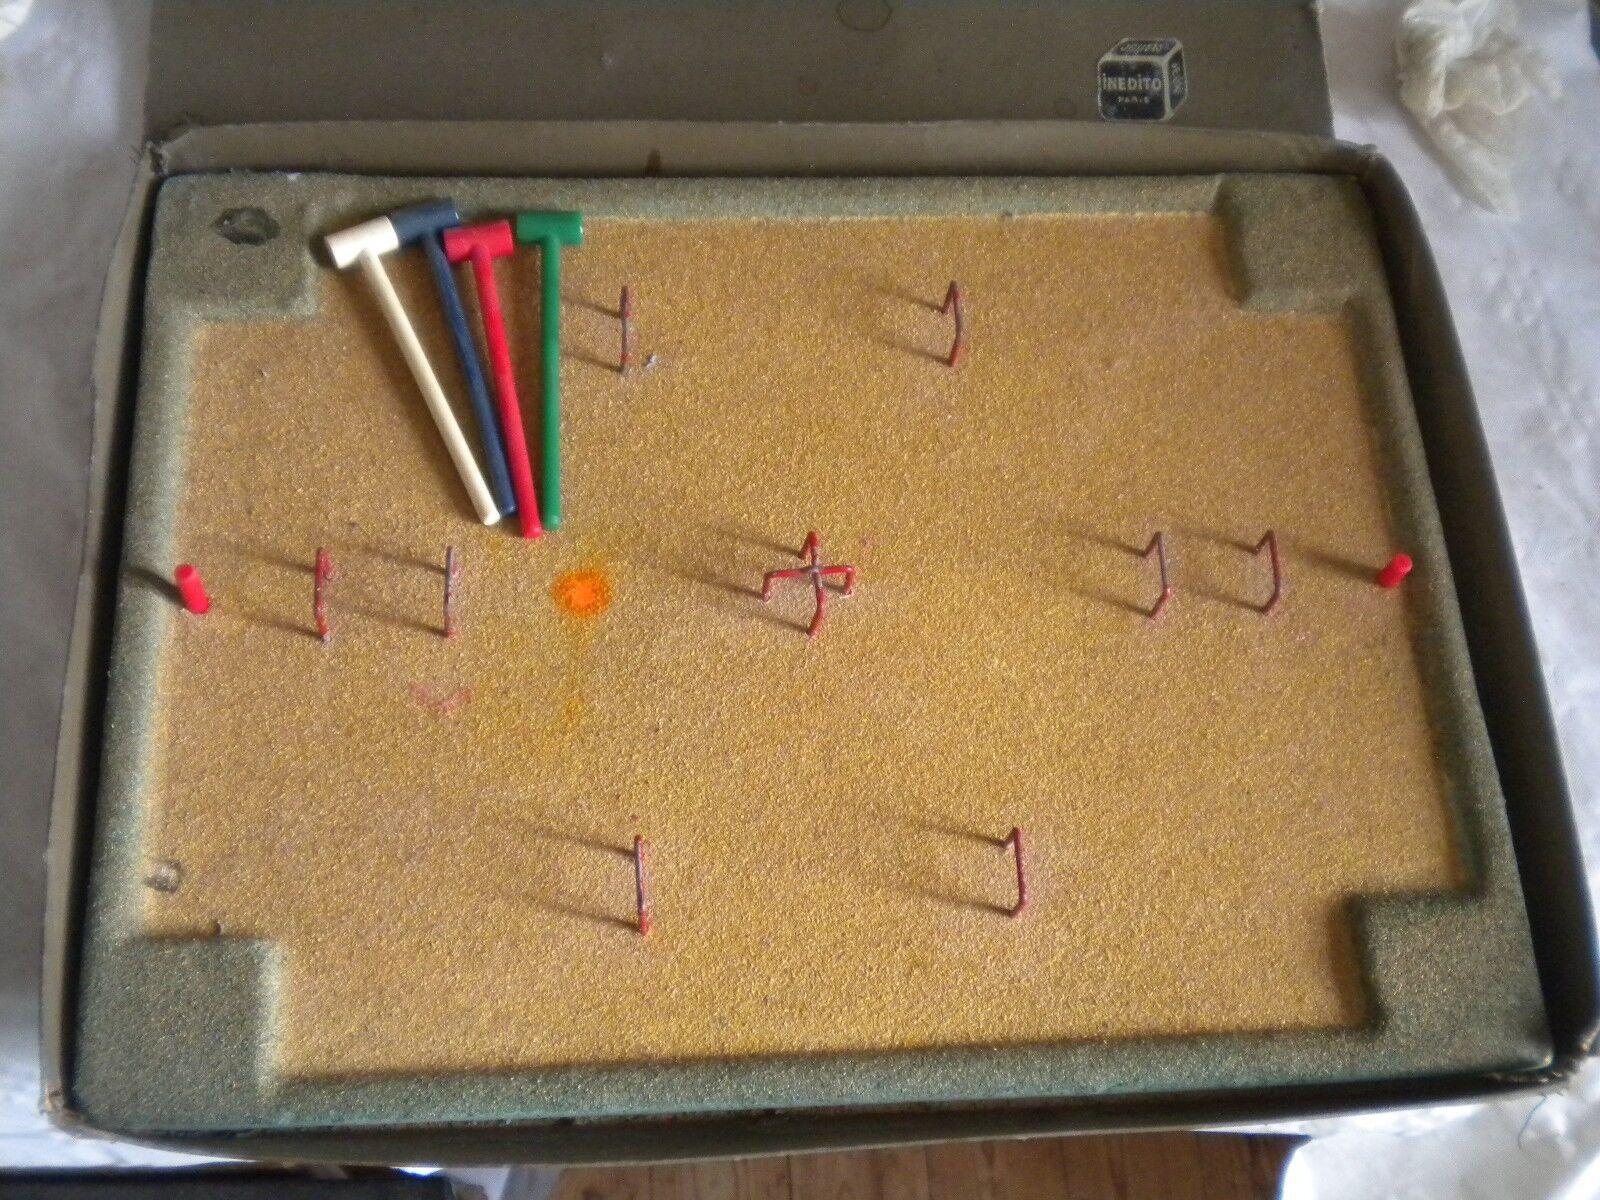 VINTAGE Gioco in miniatura Croquet tavolo  insolito 1920s Francese in Scatola PAUSINI  design unico